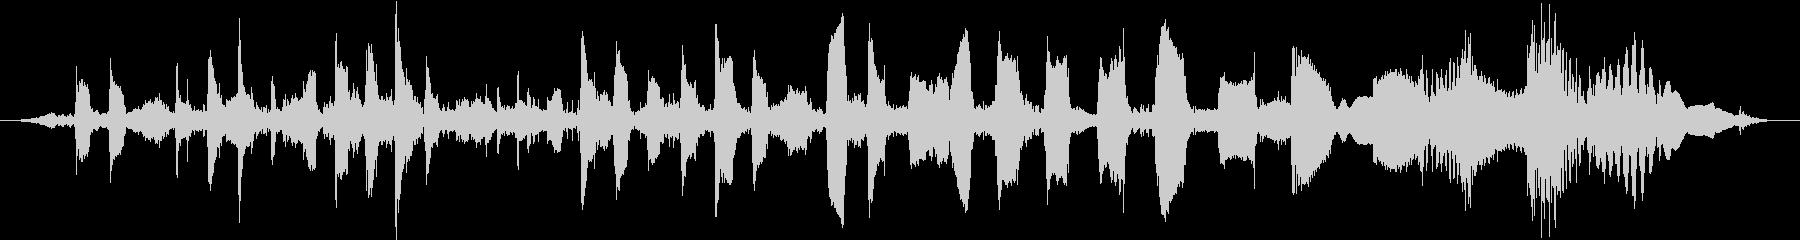 通信信号シンセビープパルススイープ...の未再生の波形